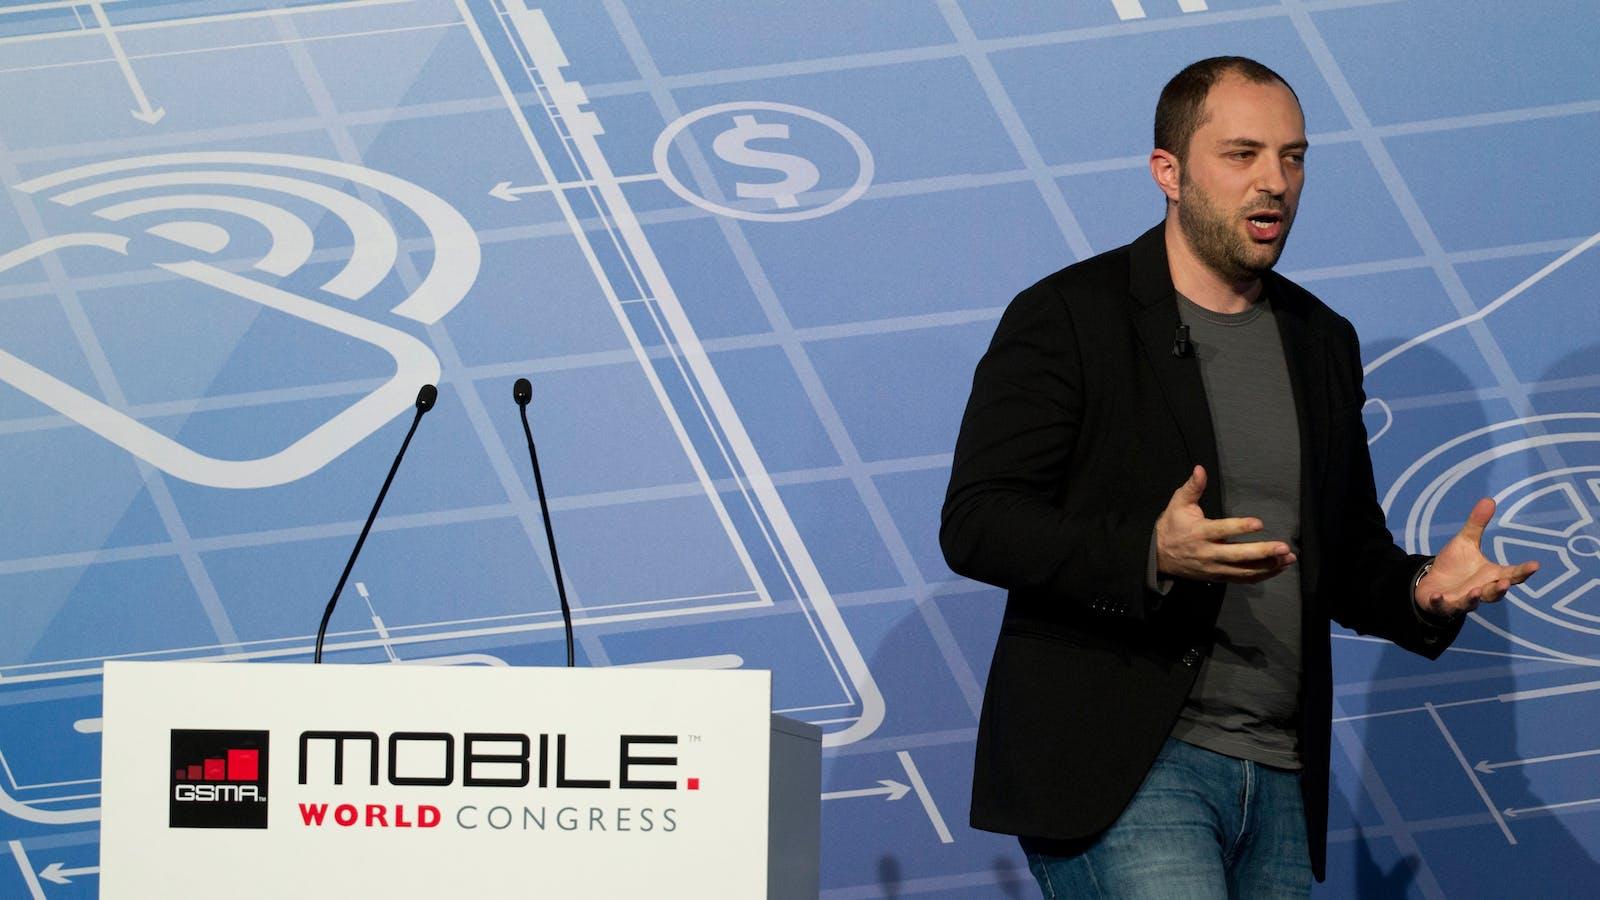 WhatsApp CEO Jan Koum. Photo by Bloomberg.